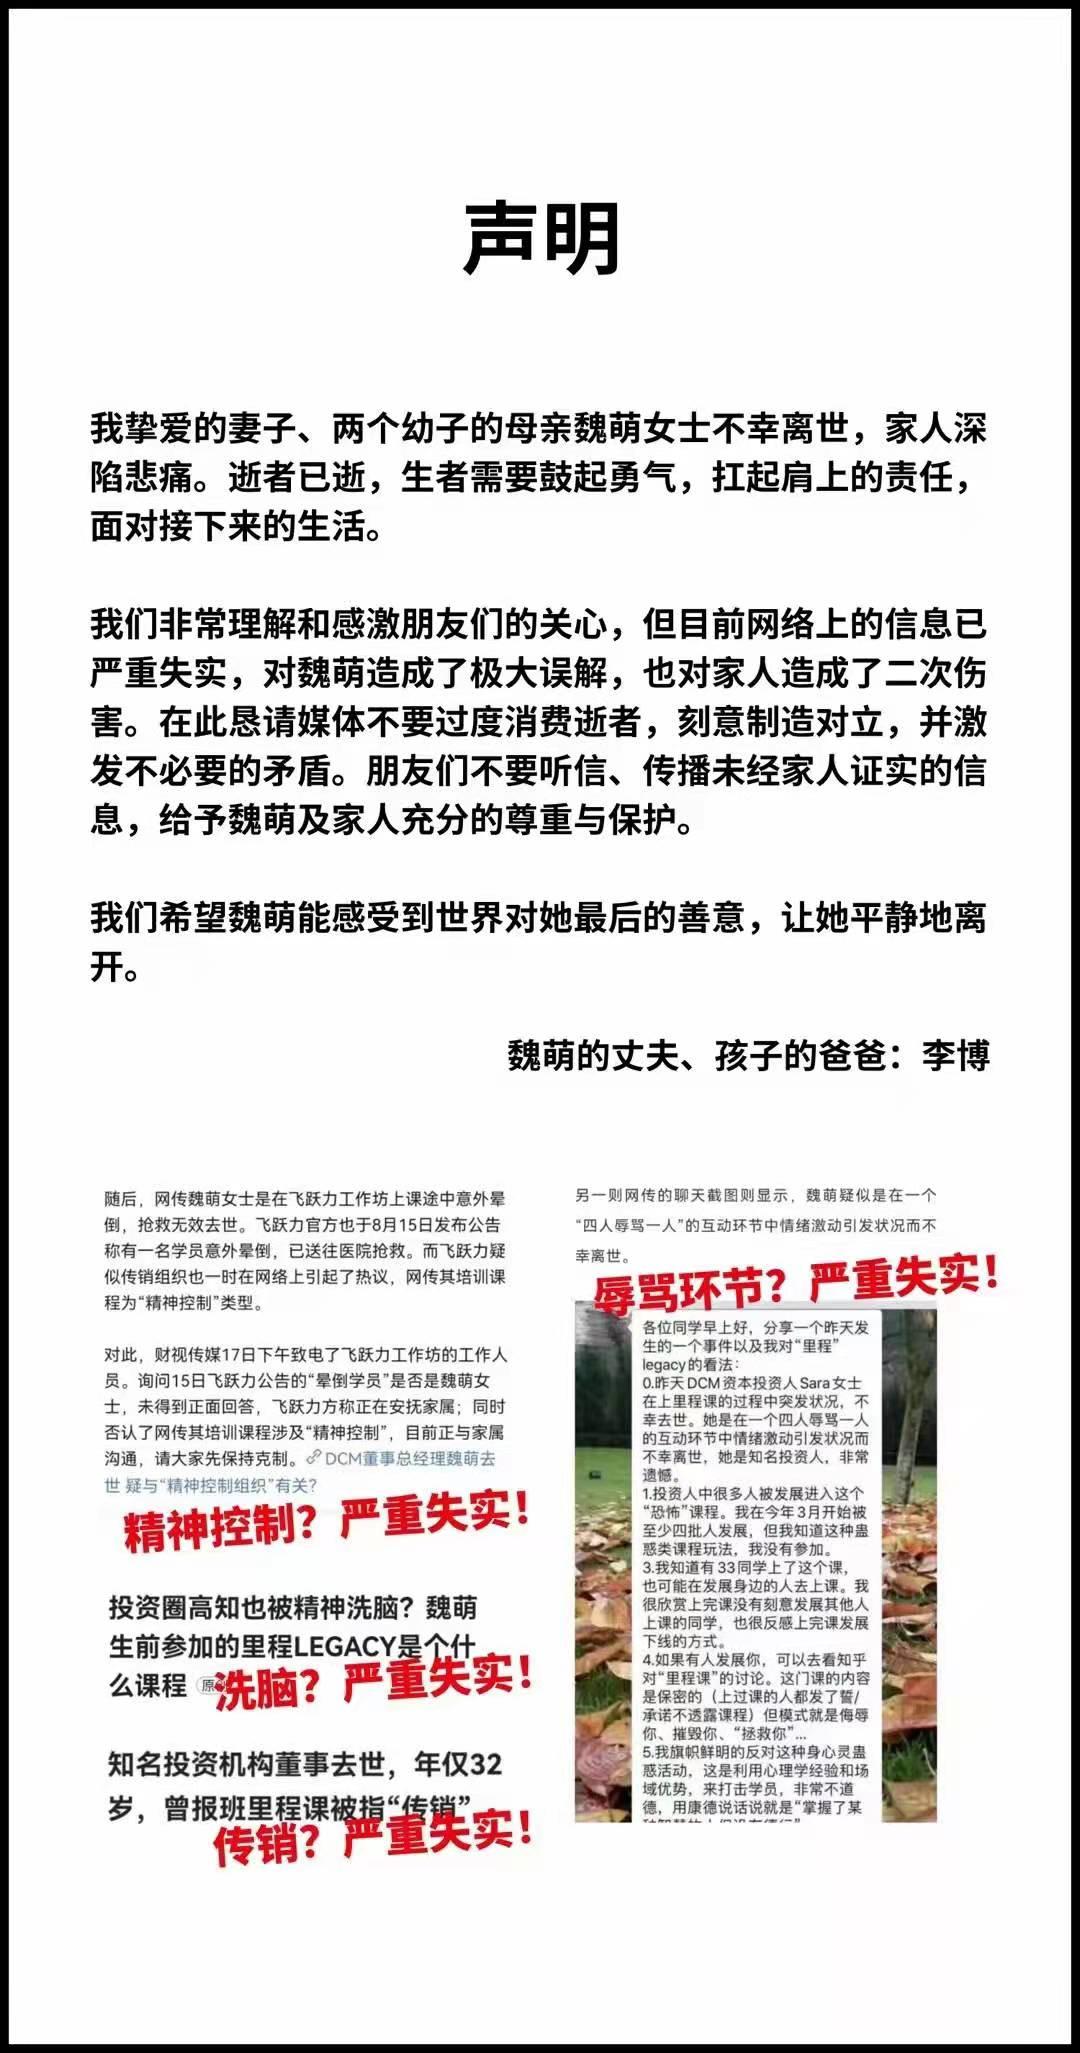 """DCM魏萌因参加""""精神控制""""课程离世?亲友回应:严重失实"""